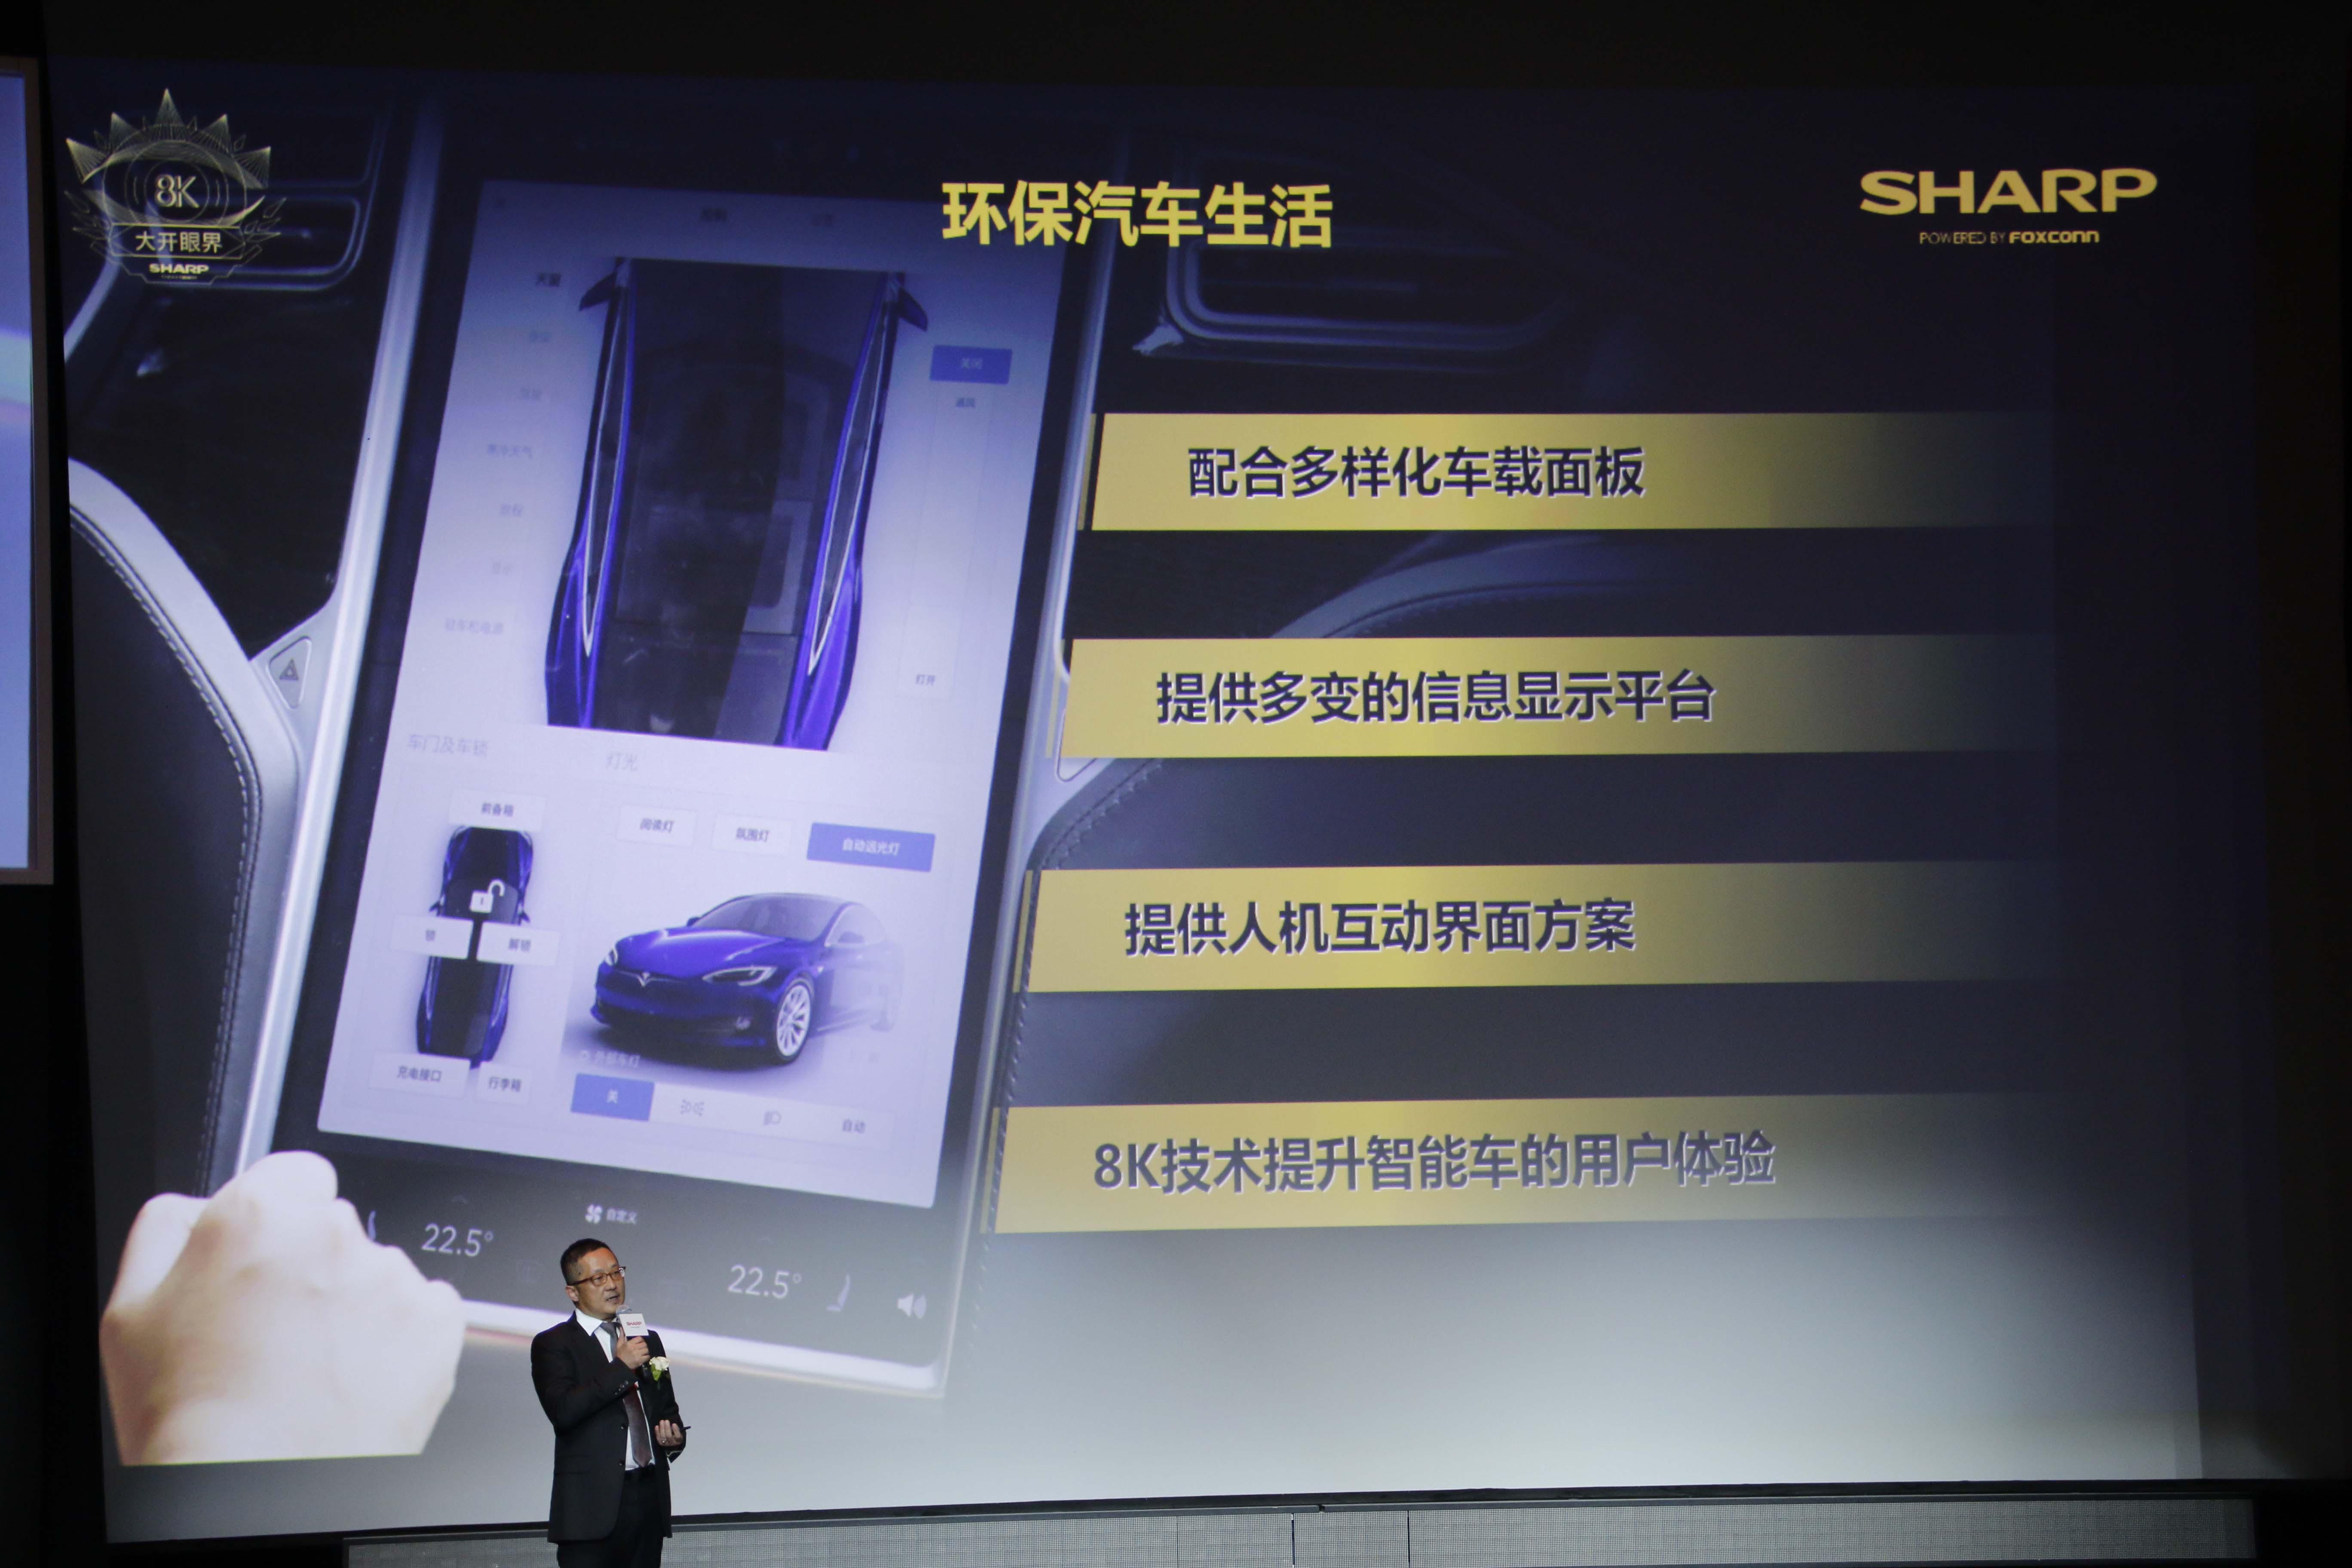 #环保汽车生活#车内装上8K屏幕,内外风景都一样,话说有这样的技术,我要这玻璃有何用!